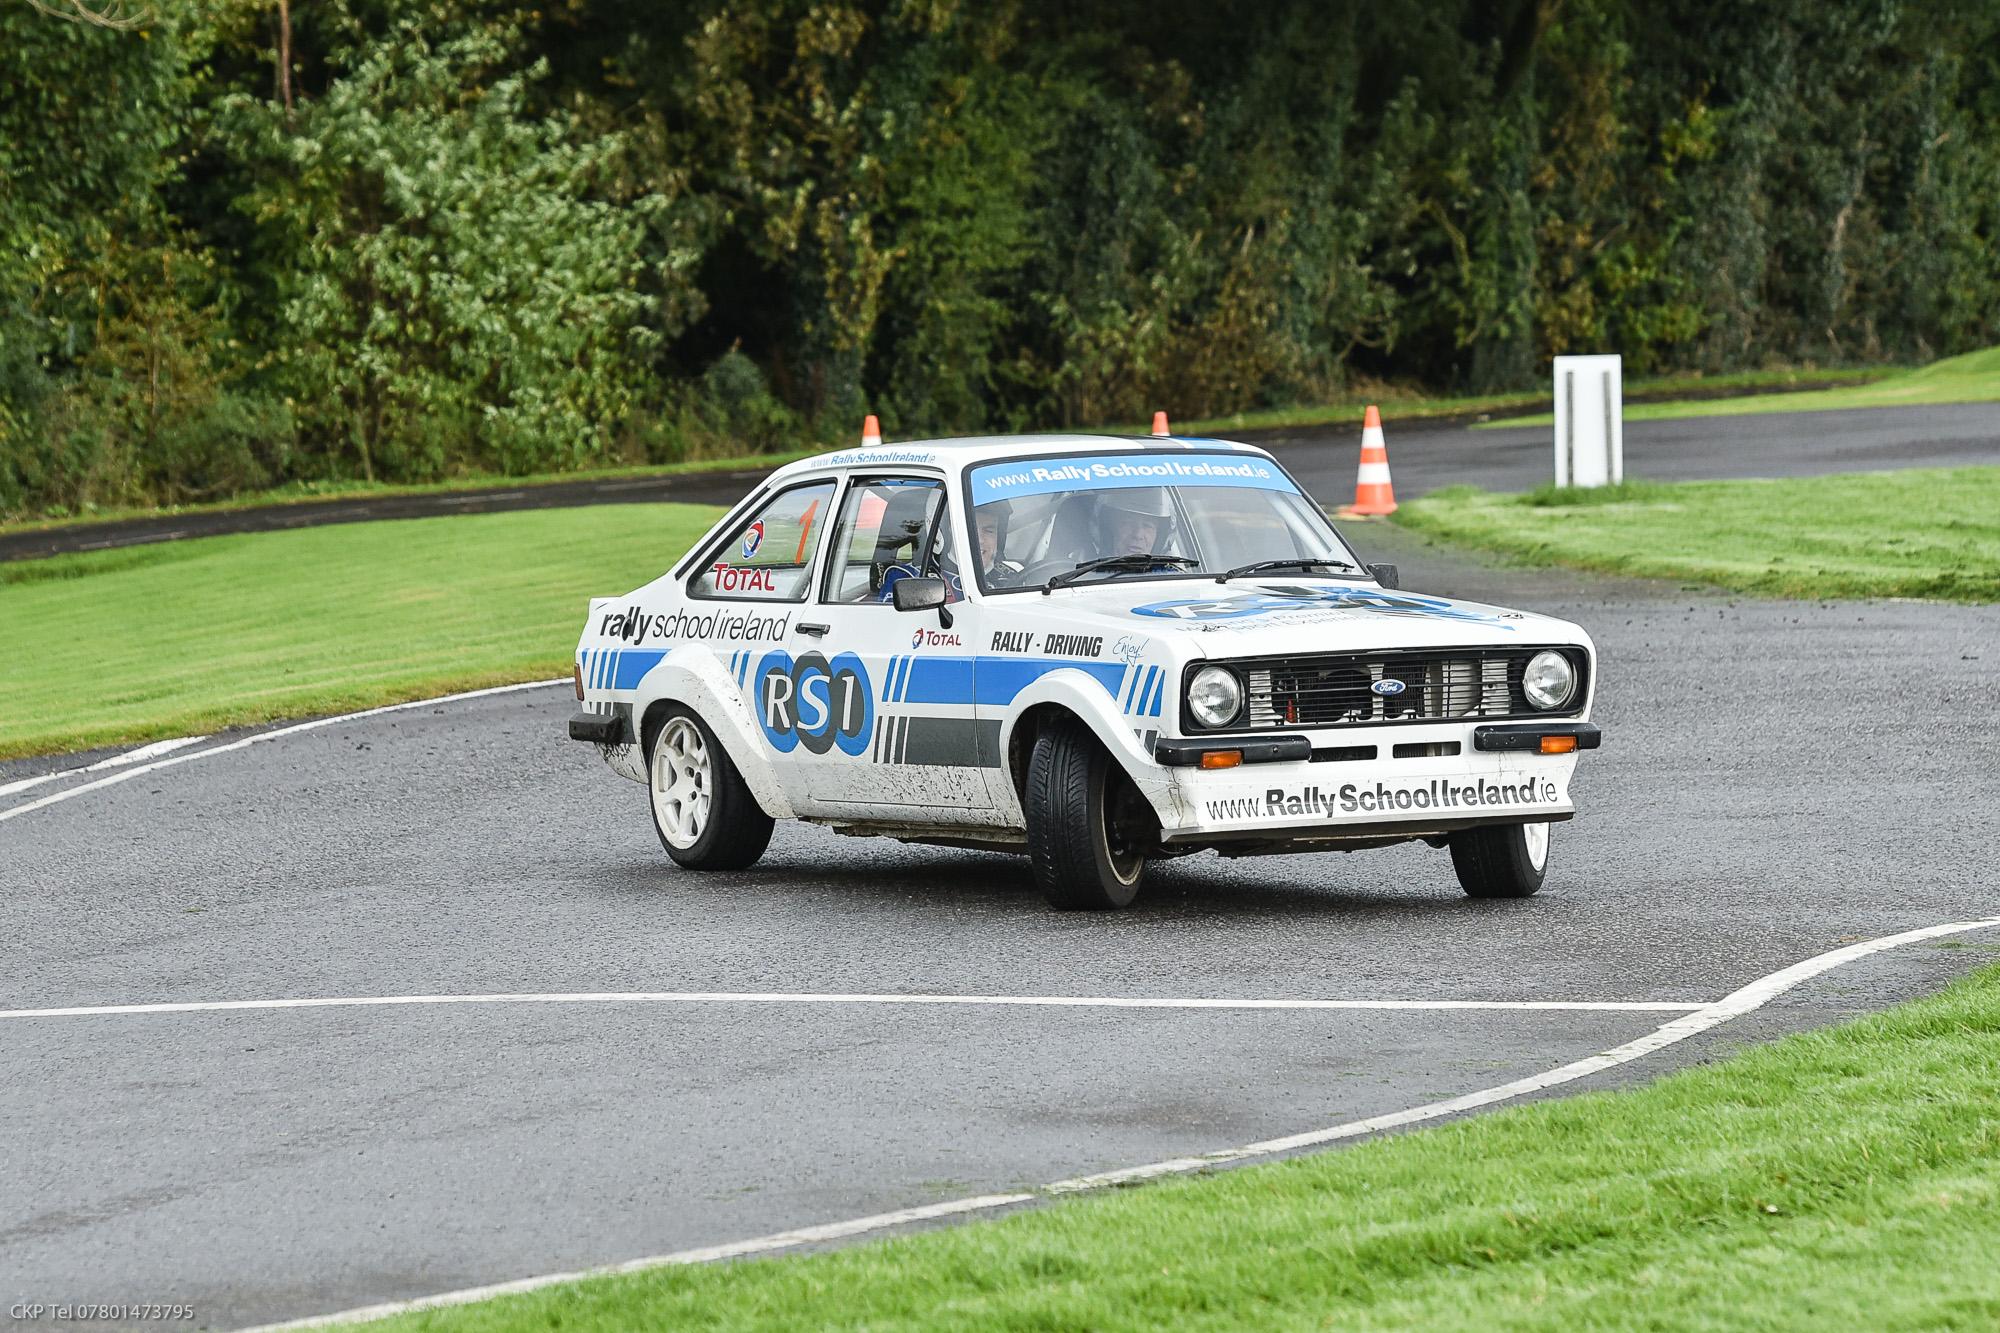 6 Car Subaru Turbo Rally Experience – 36 Laps – Rally School Ireland